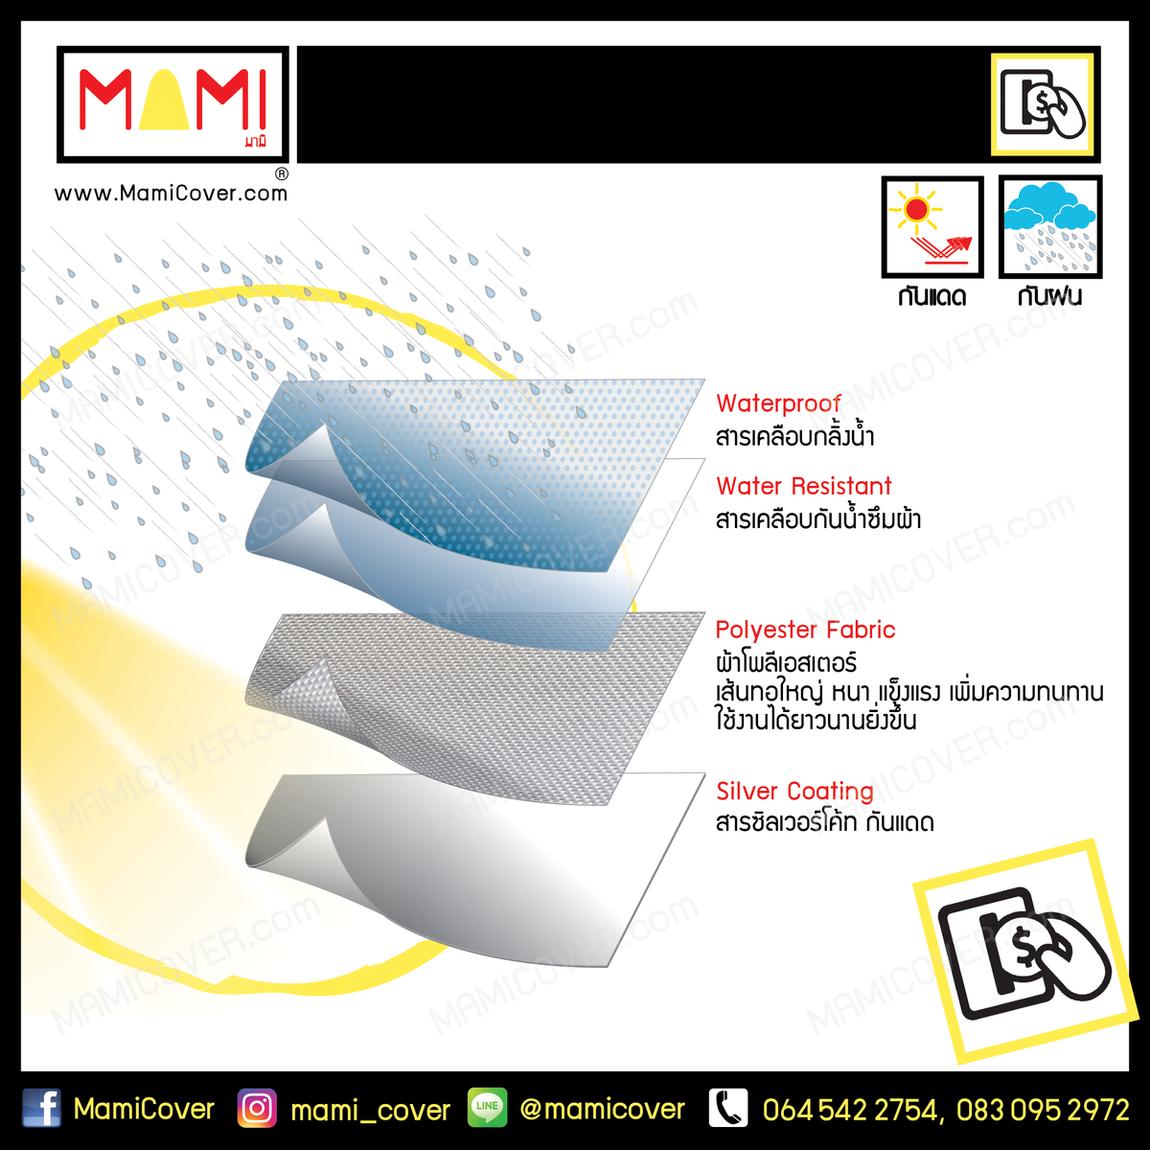 ผ้าคลุมเครื่องซักผ้าหยอดเหรียญฝาบน Mami กันฝุ่น กันแดด กันฝน มีช่องร้อยท่อน้ำและสายไฟ Top Loading Vending Washing Machine Smart Cover